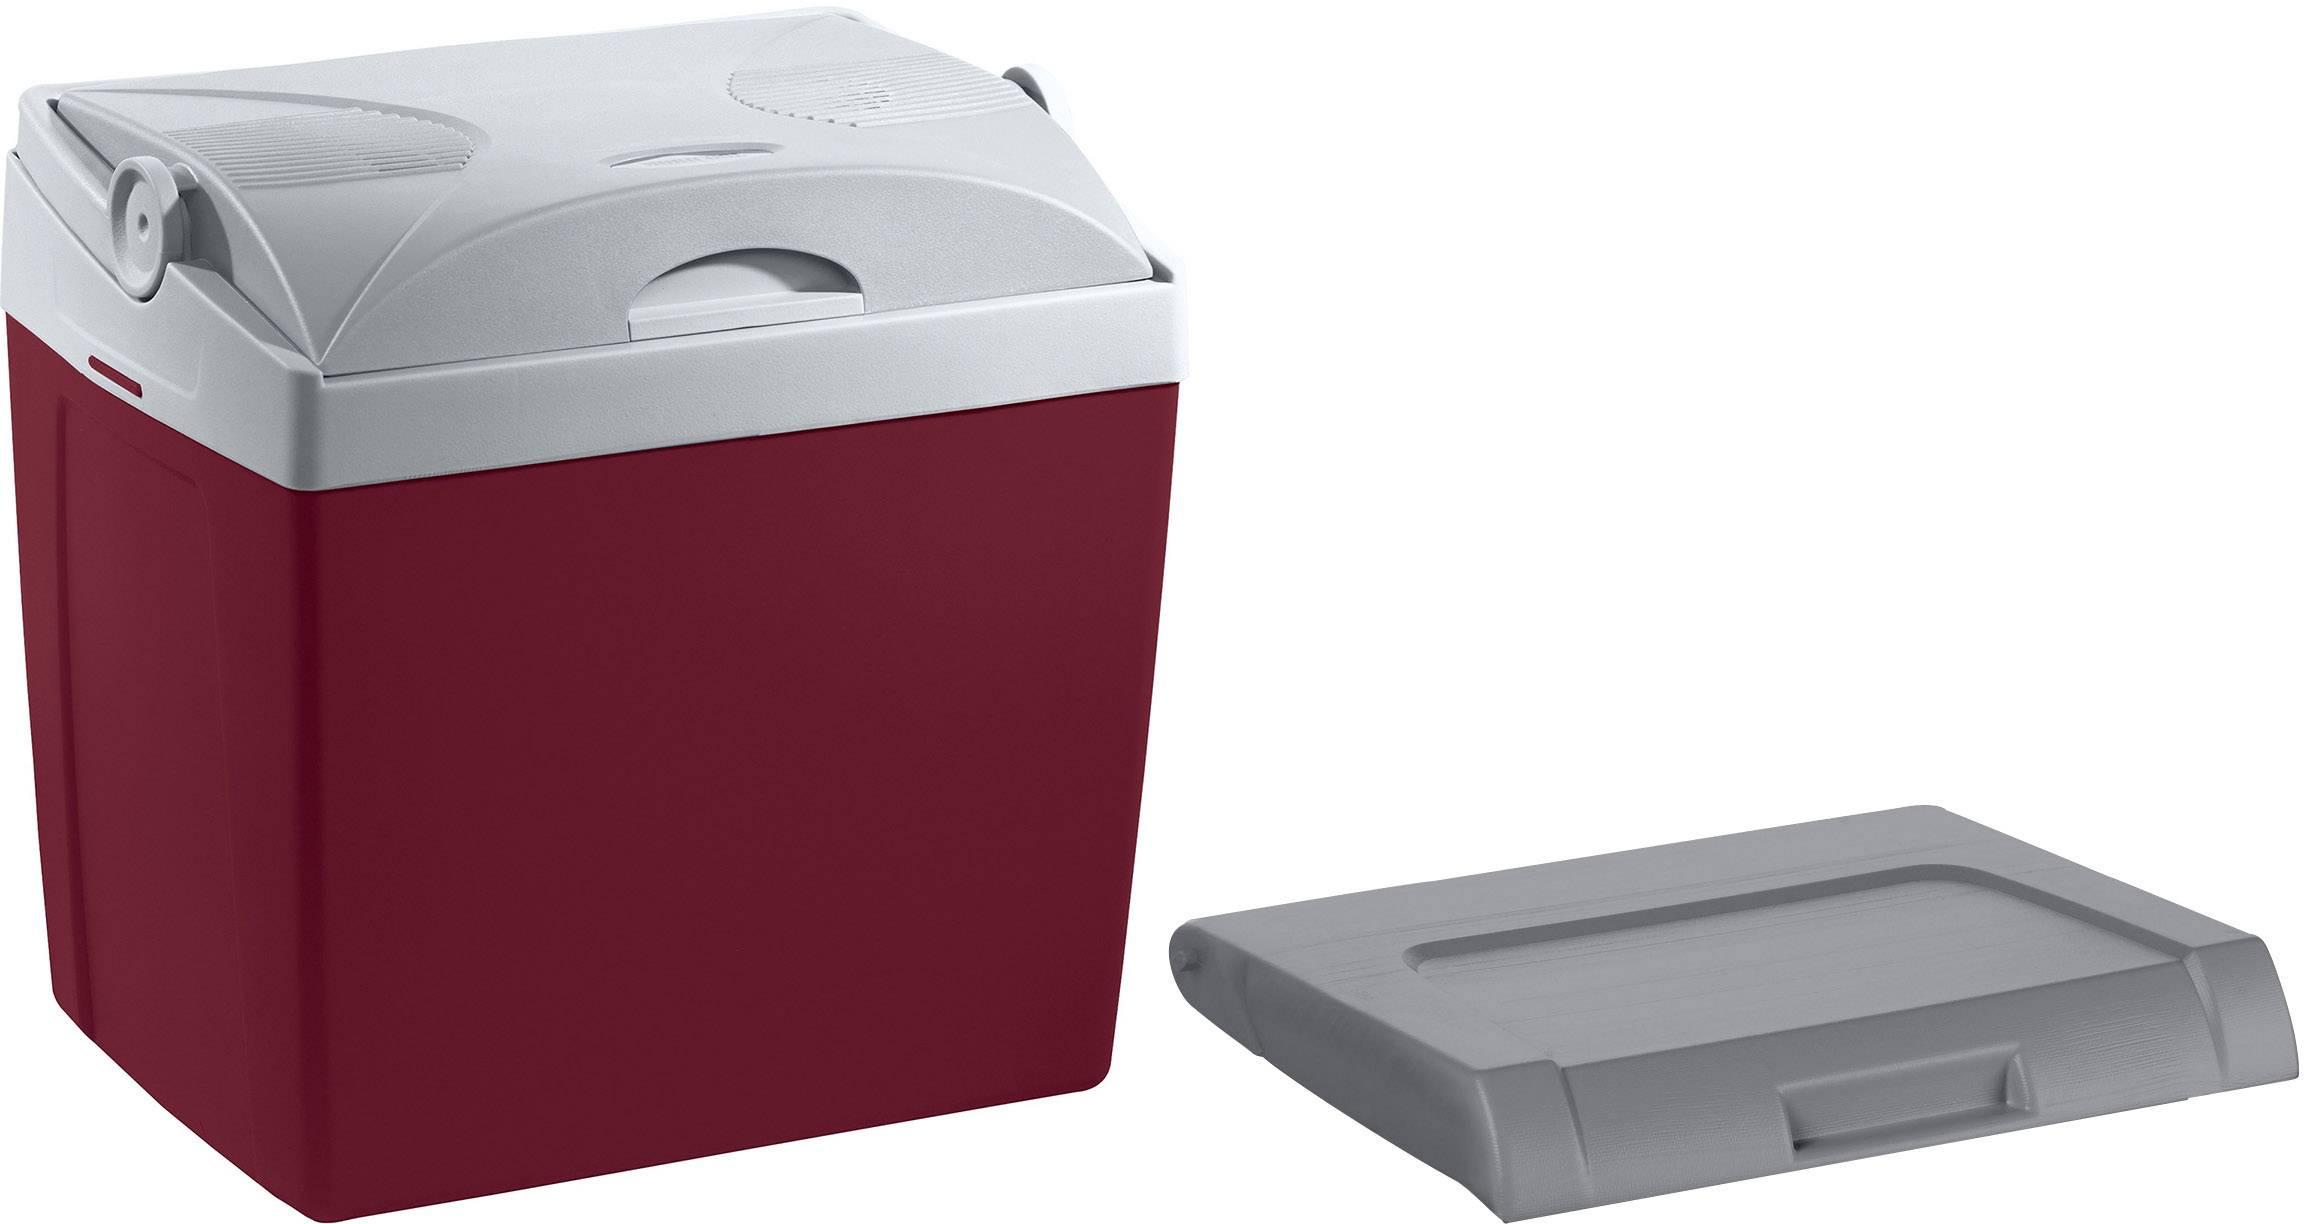 Přenosná lednice (autochladnička) MobiCool U26 DC 12 V červená 25 l